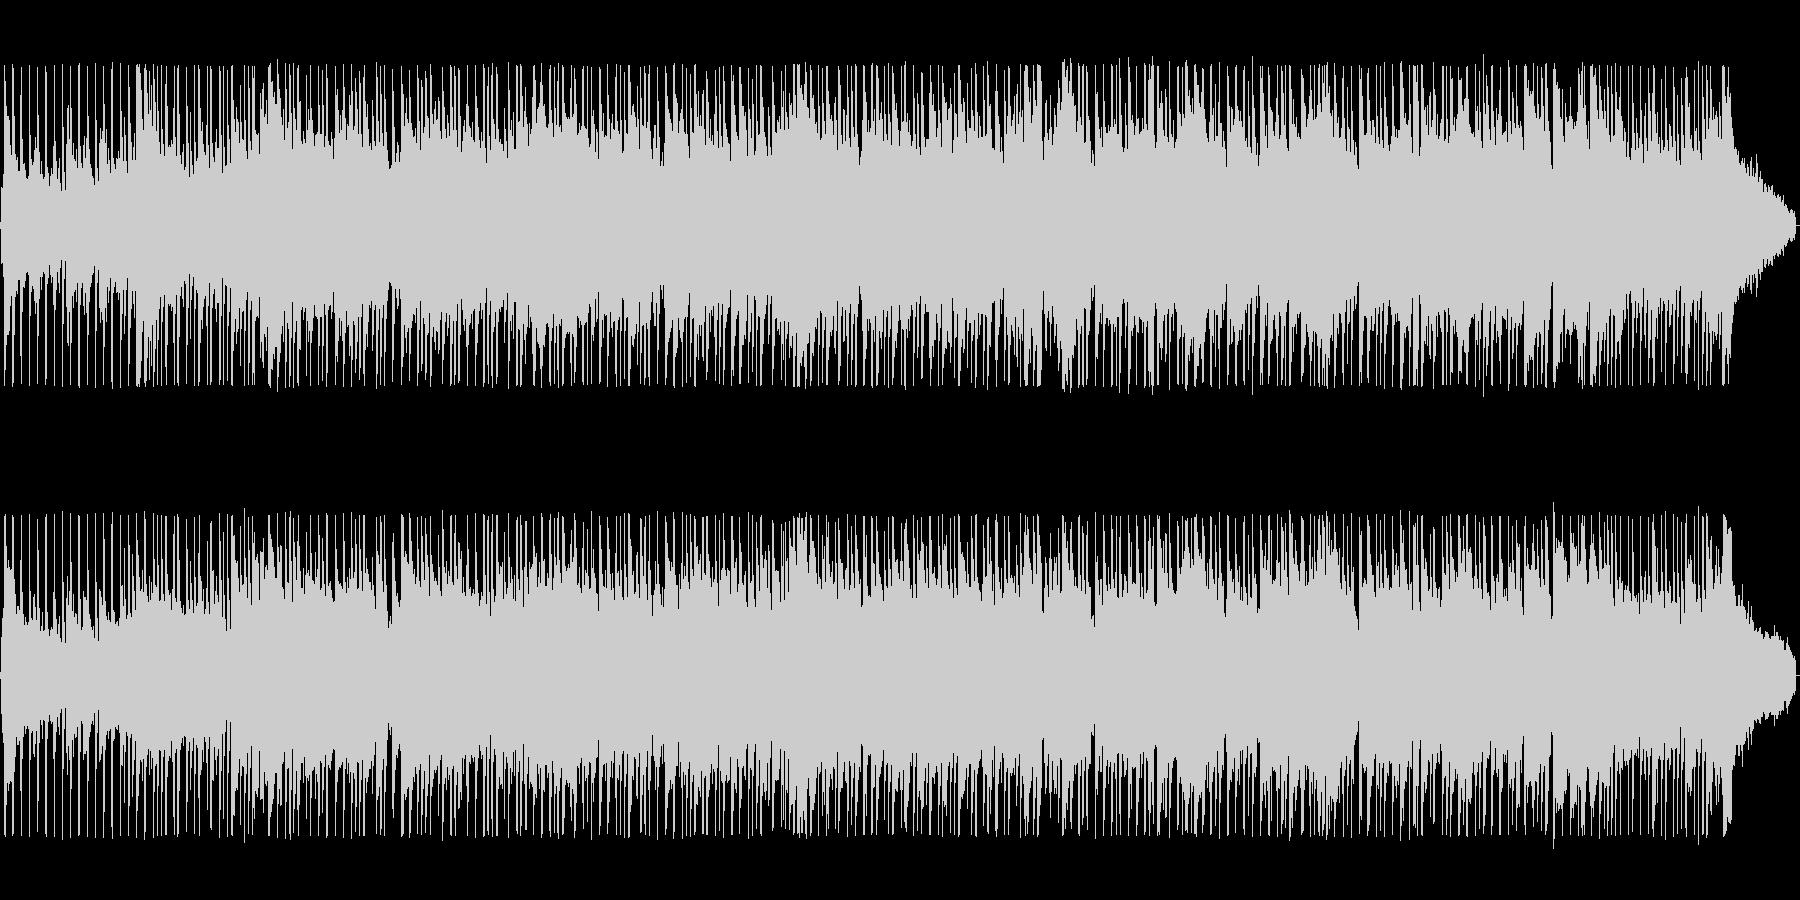 ゆったりした懐かしいシンセサイザーの曲の未再生の波形